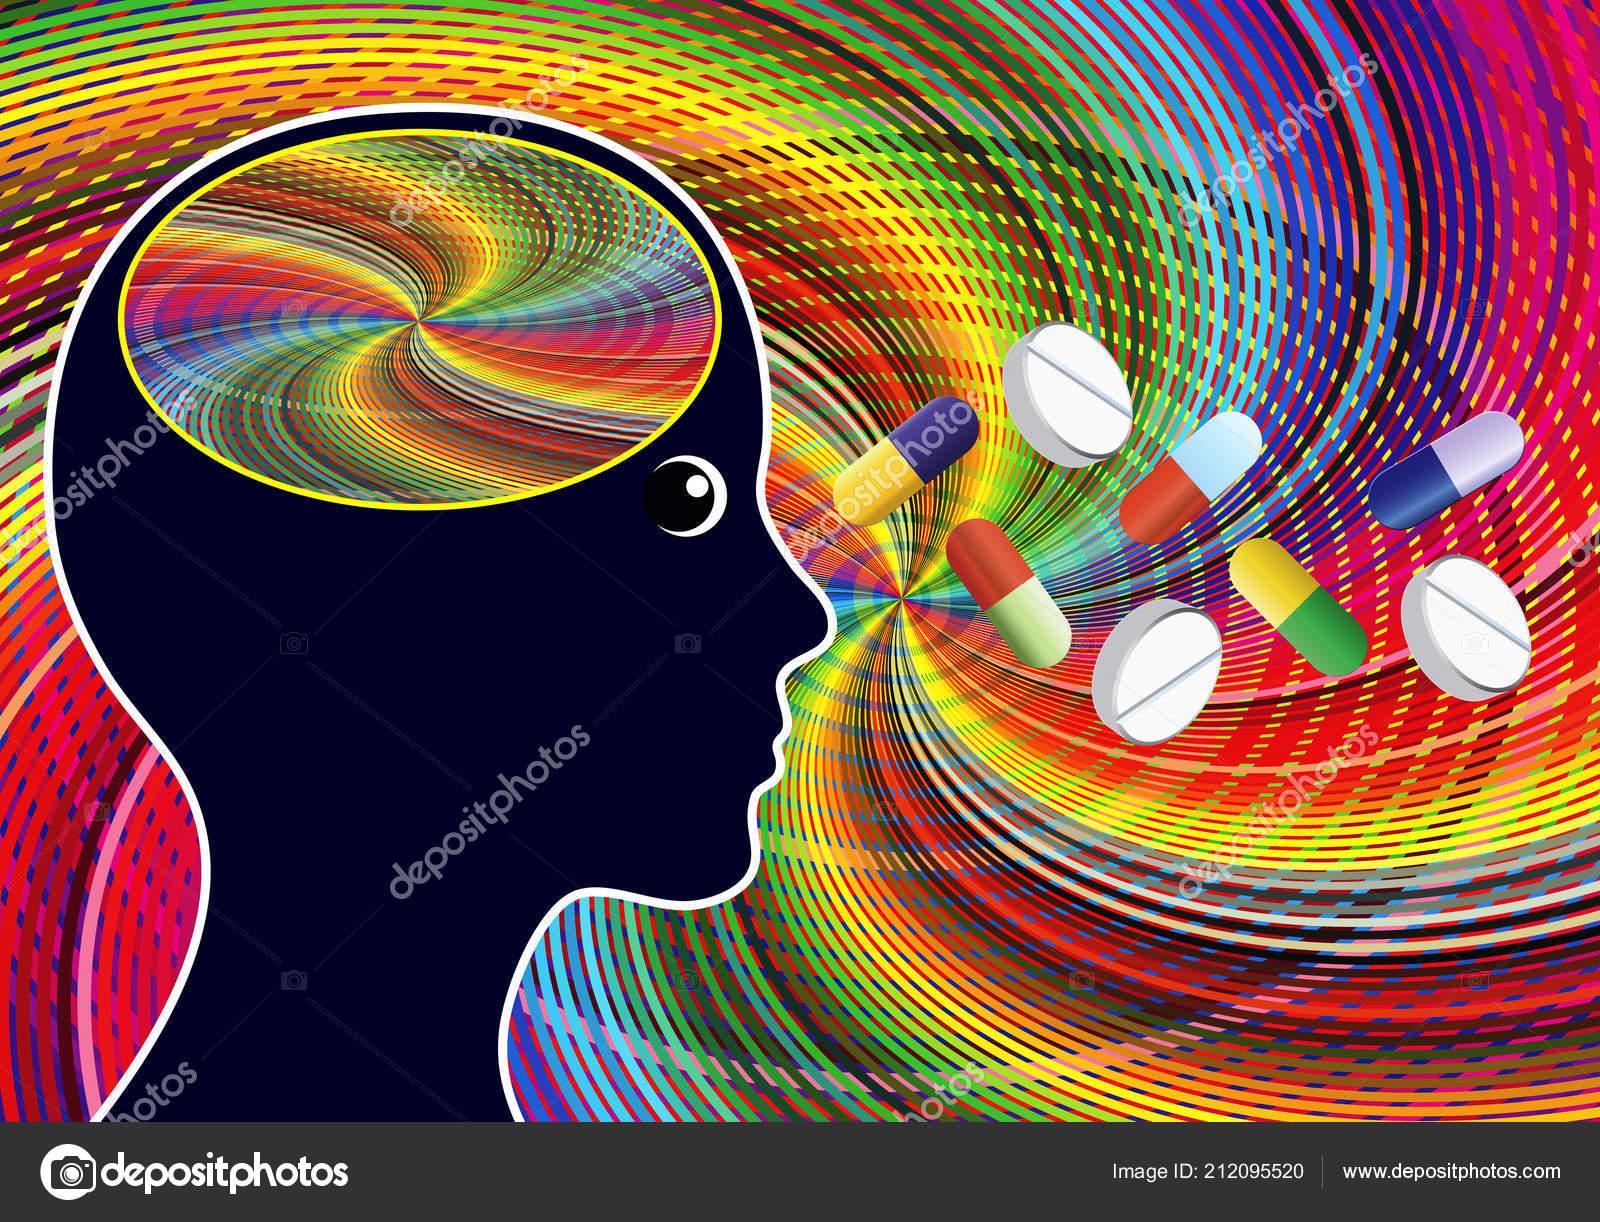 Stimulant Drugs Amphetamines Euphoric Feeling Taking Psychoactive